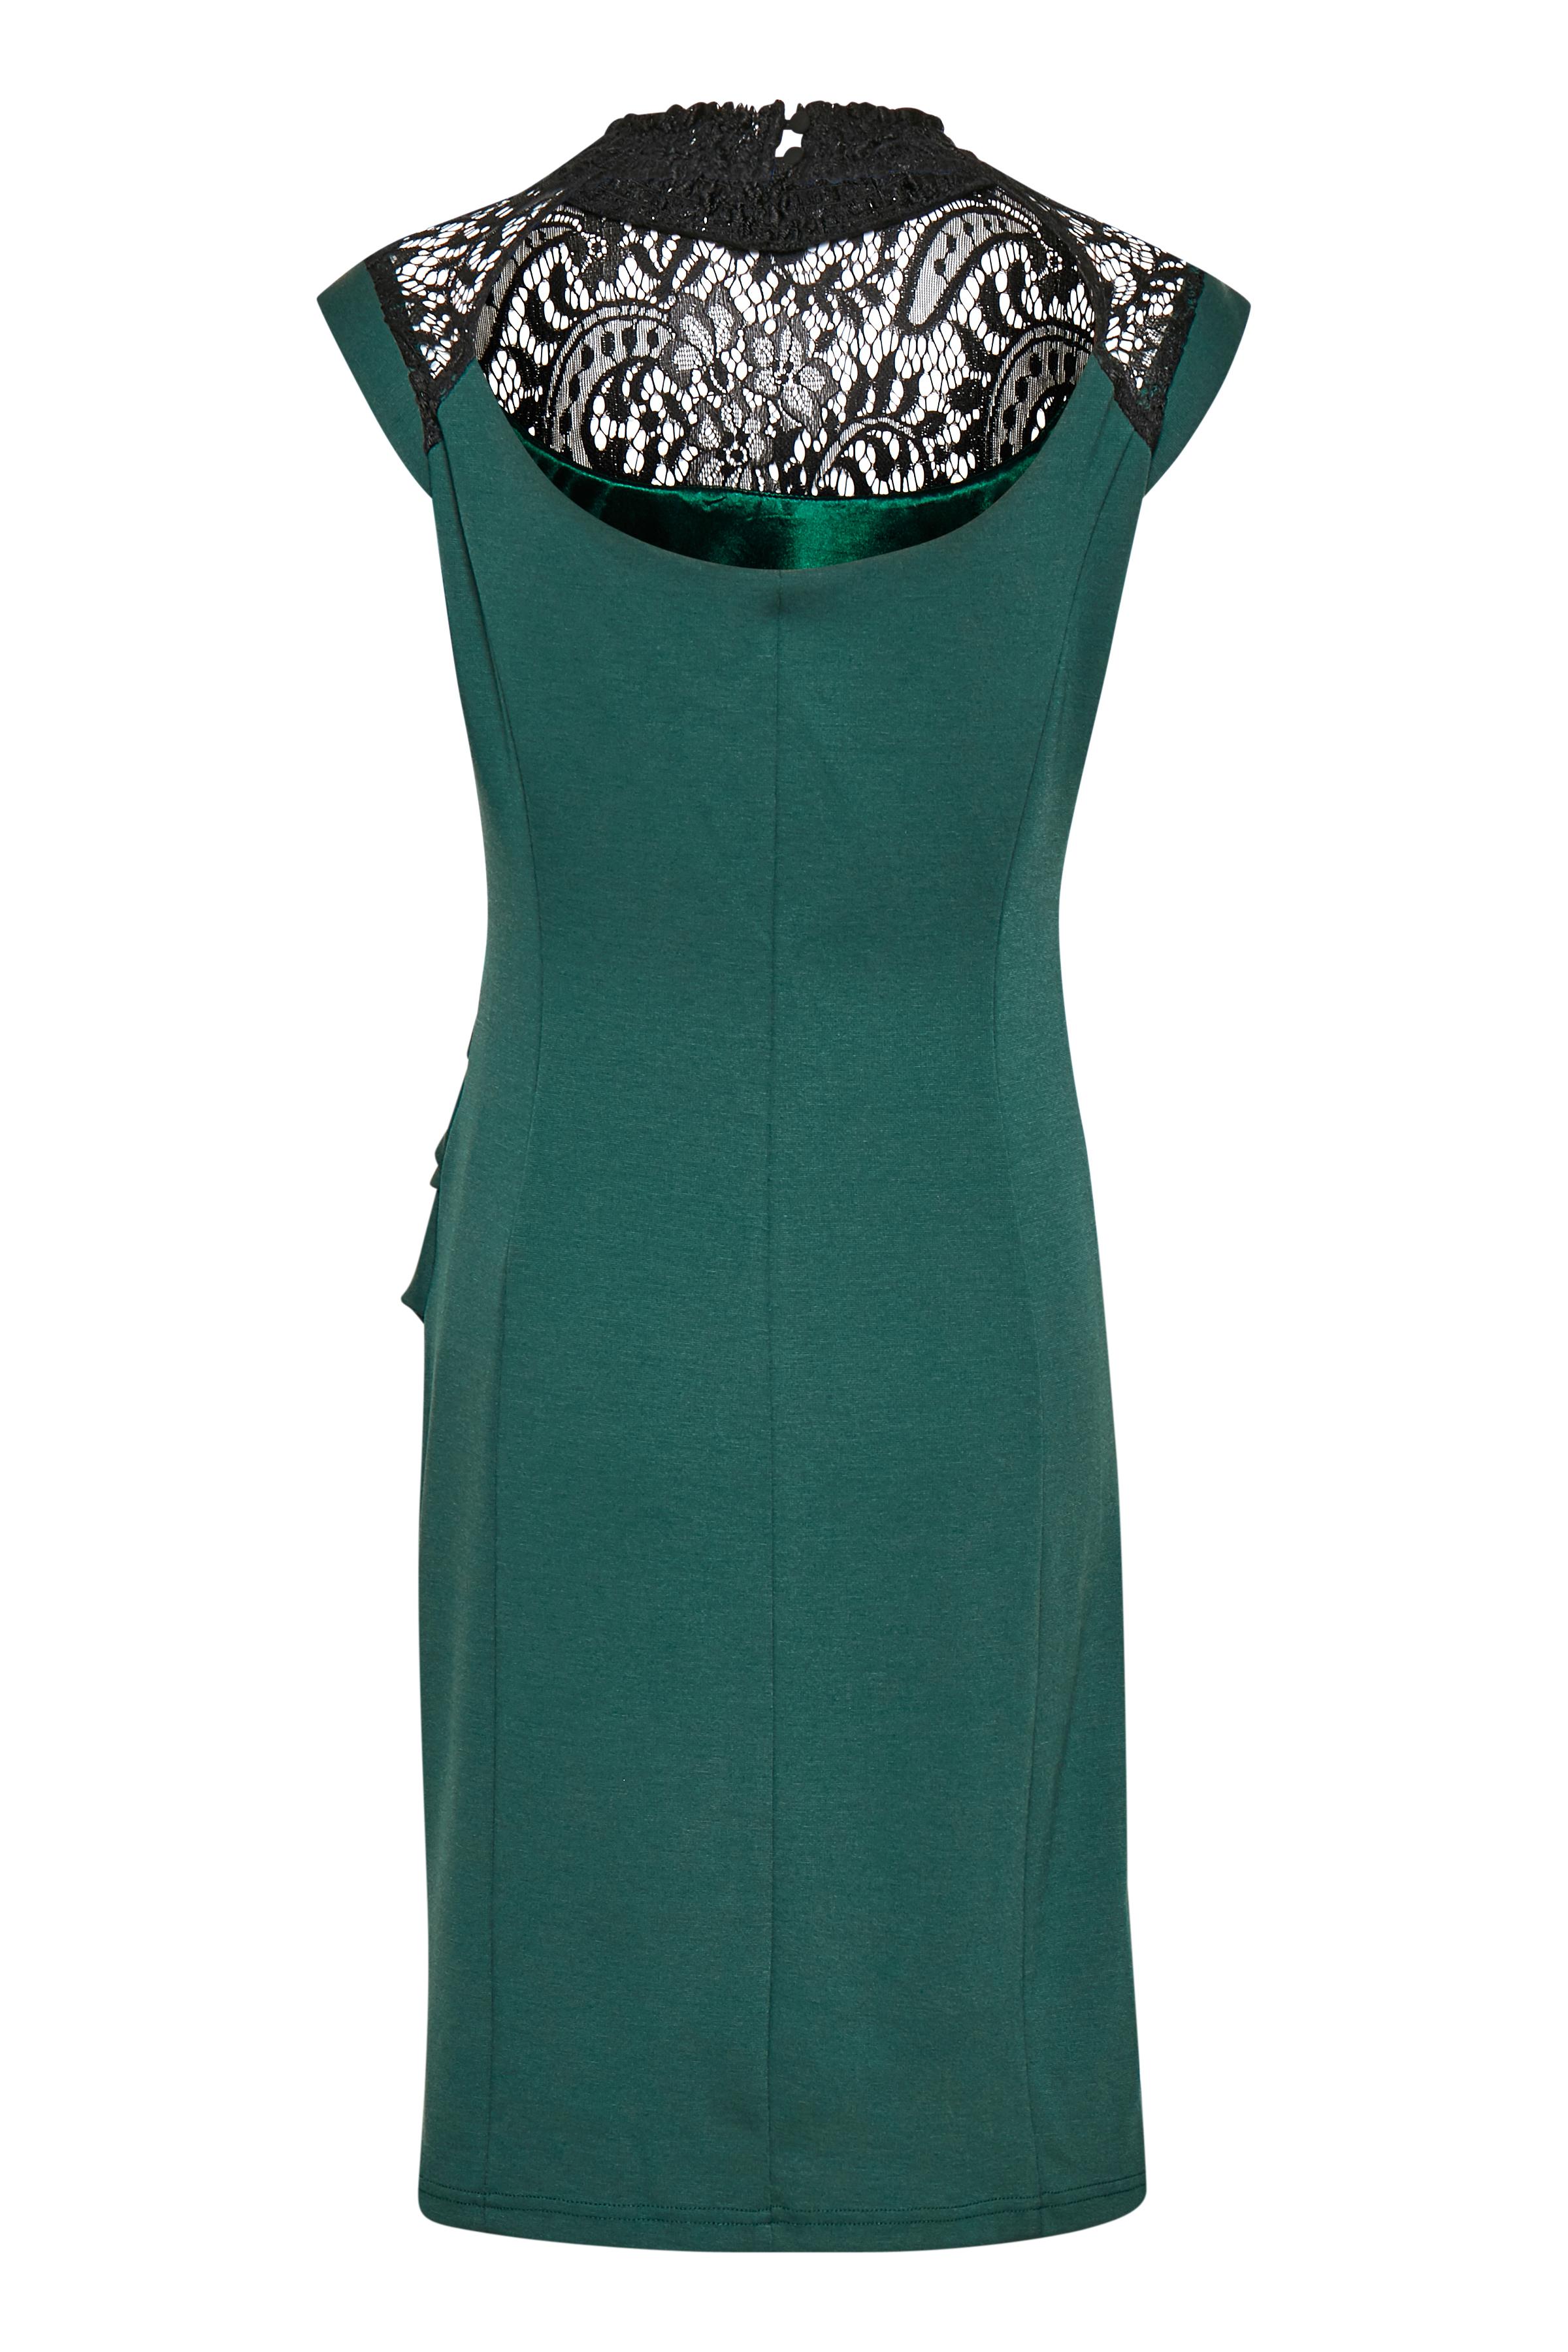 Green Spruce Kjole fra Kaffe – Køb Green Spruce Kjole fra str. XS-XXL her